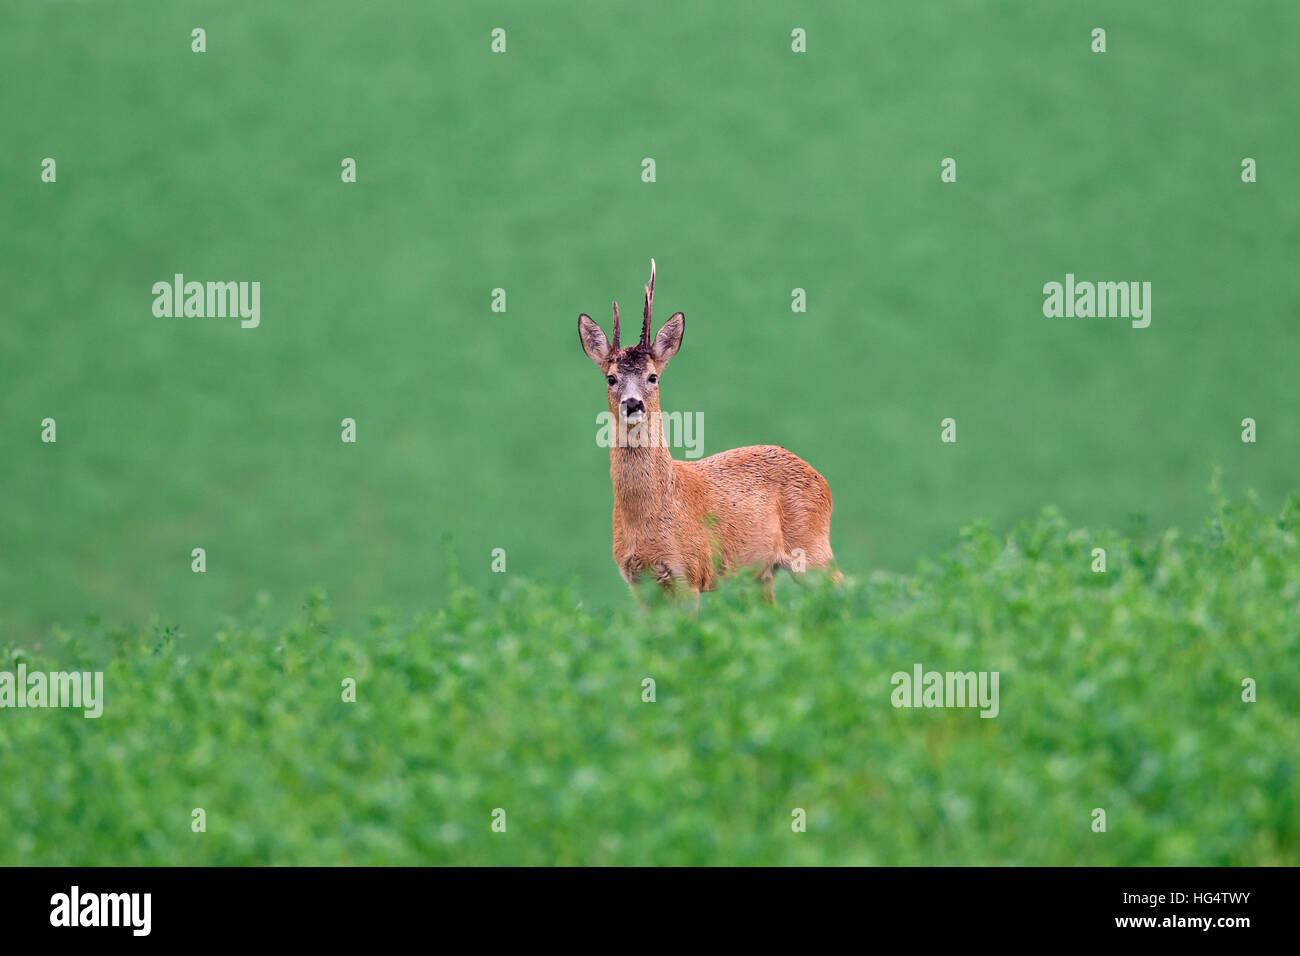 Roe deer (Capreolus capreolus) buck with deformed antler in field in summer - Stock Image